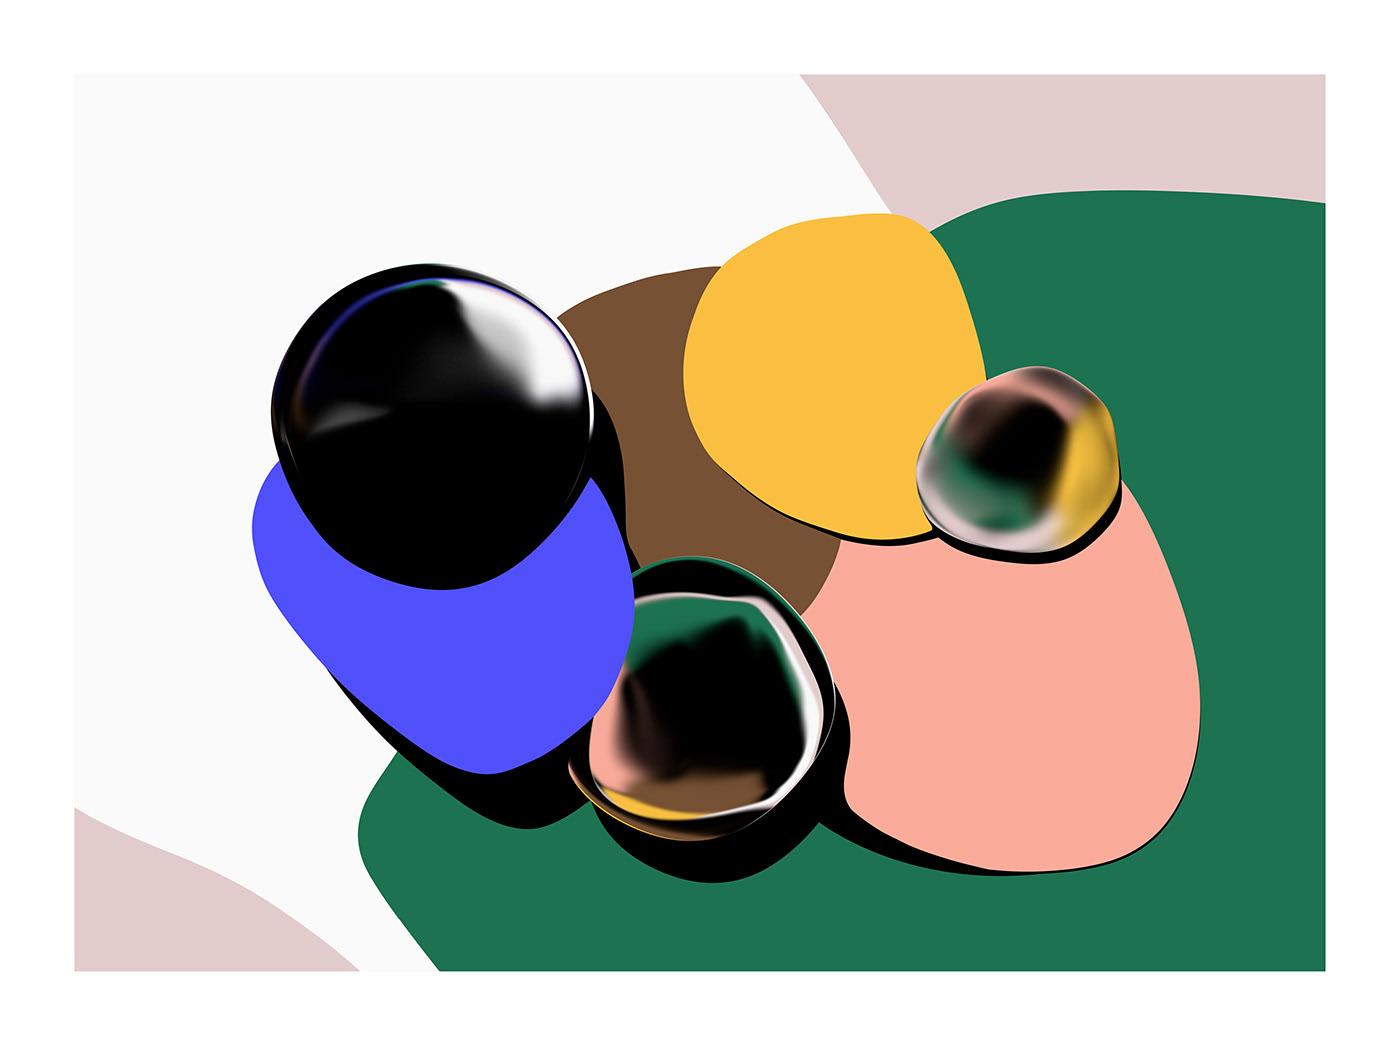 De minimalistische kunstenaar Pol Solà